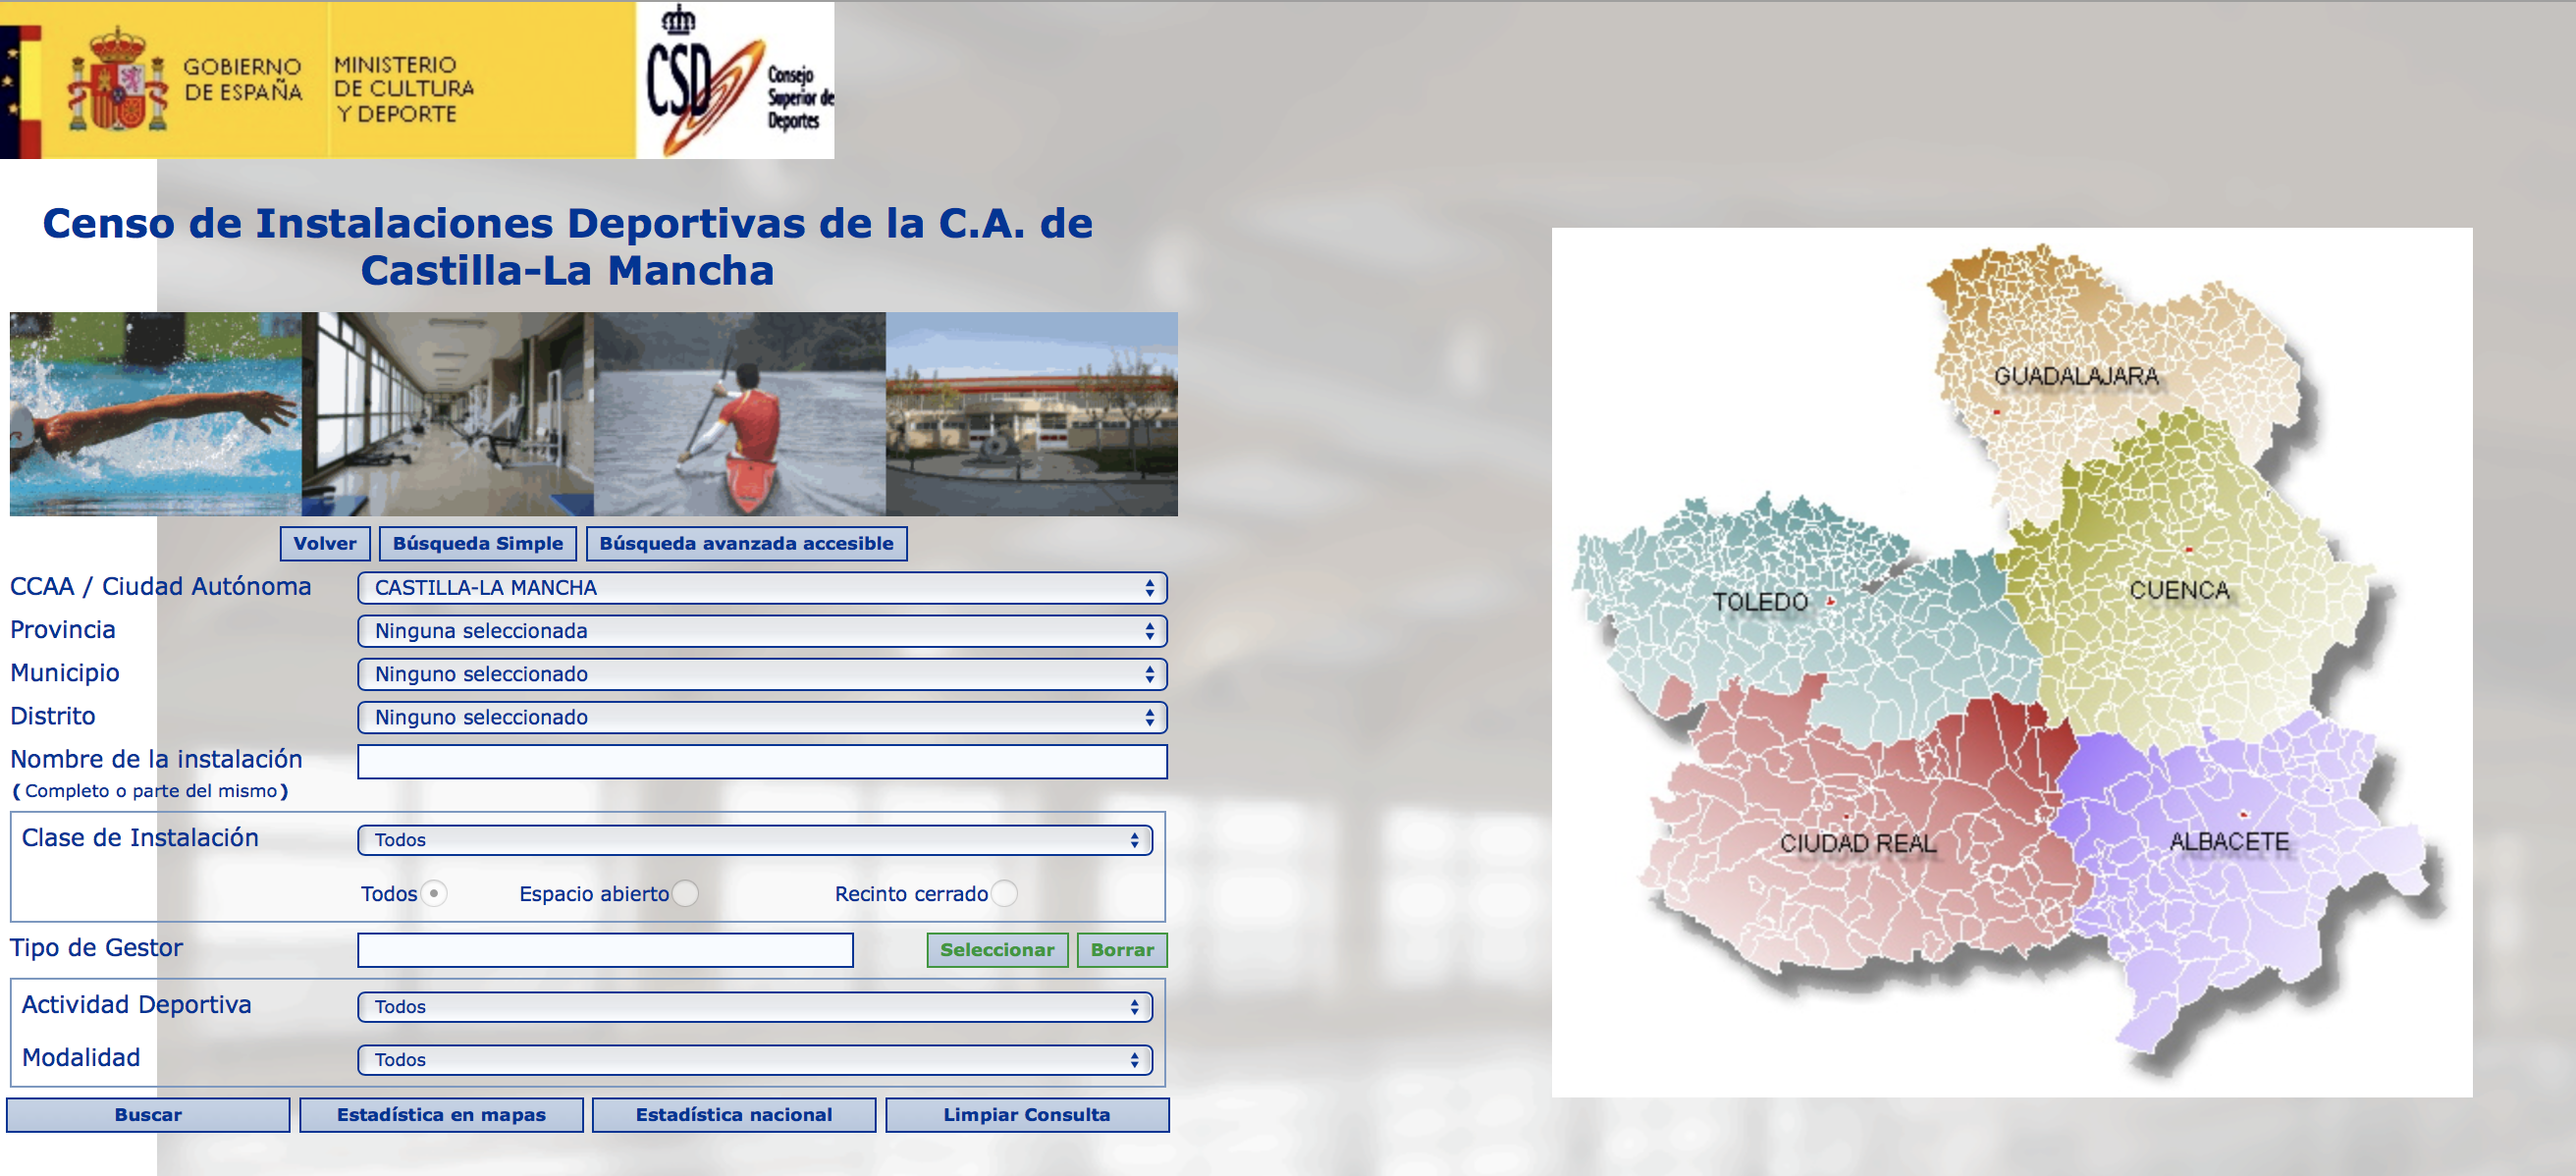 Censo de Instalaciones Deportivas en CLM, del Consejo Superior de Deportes.